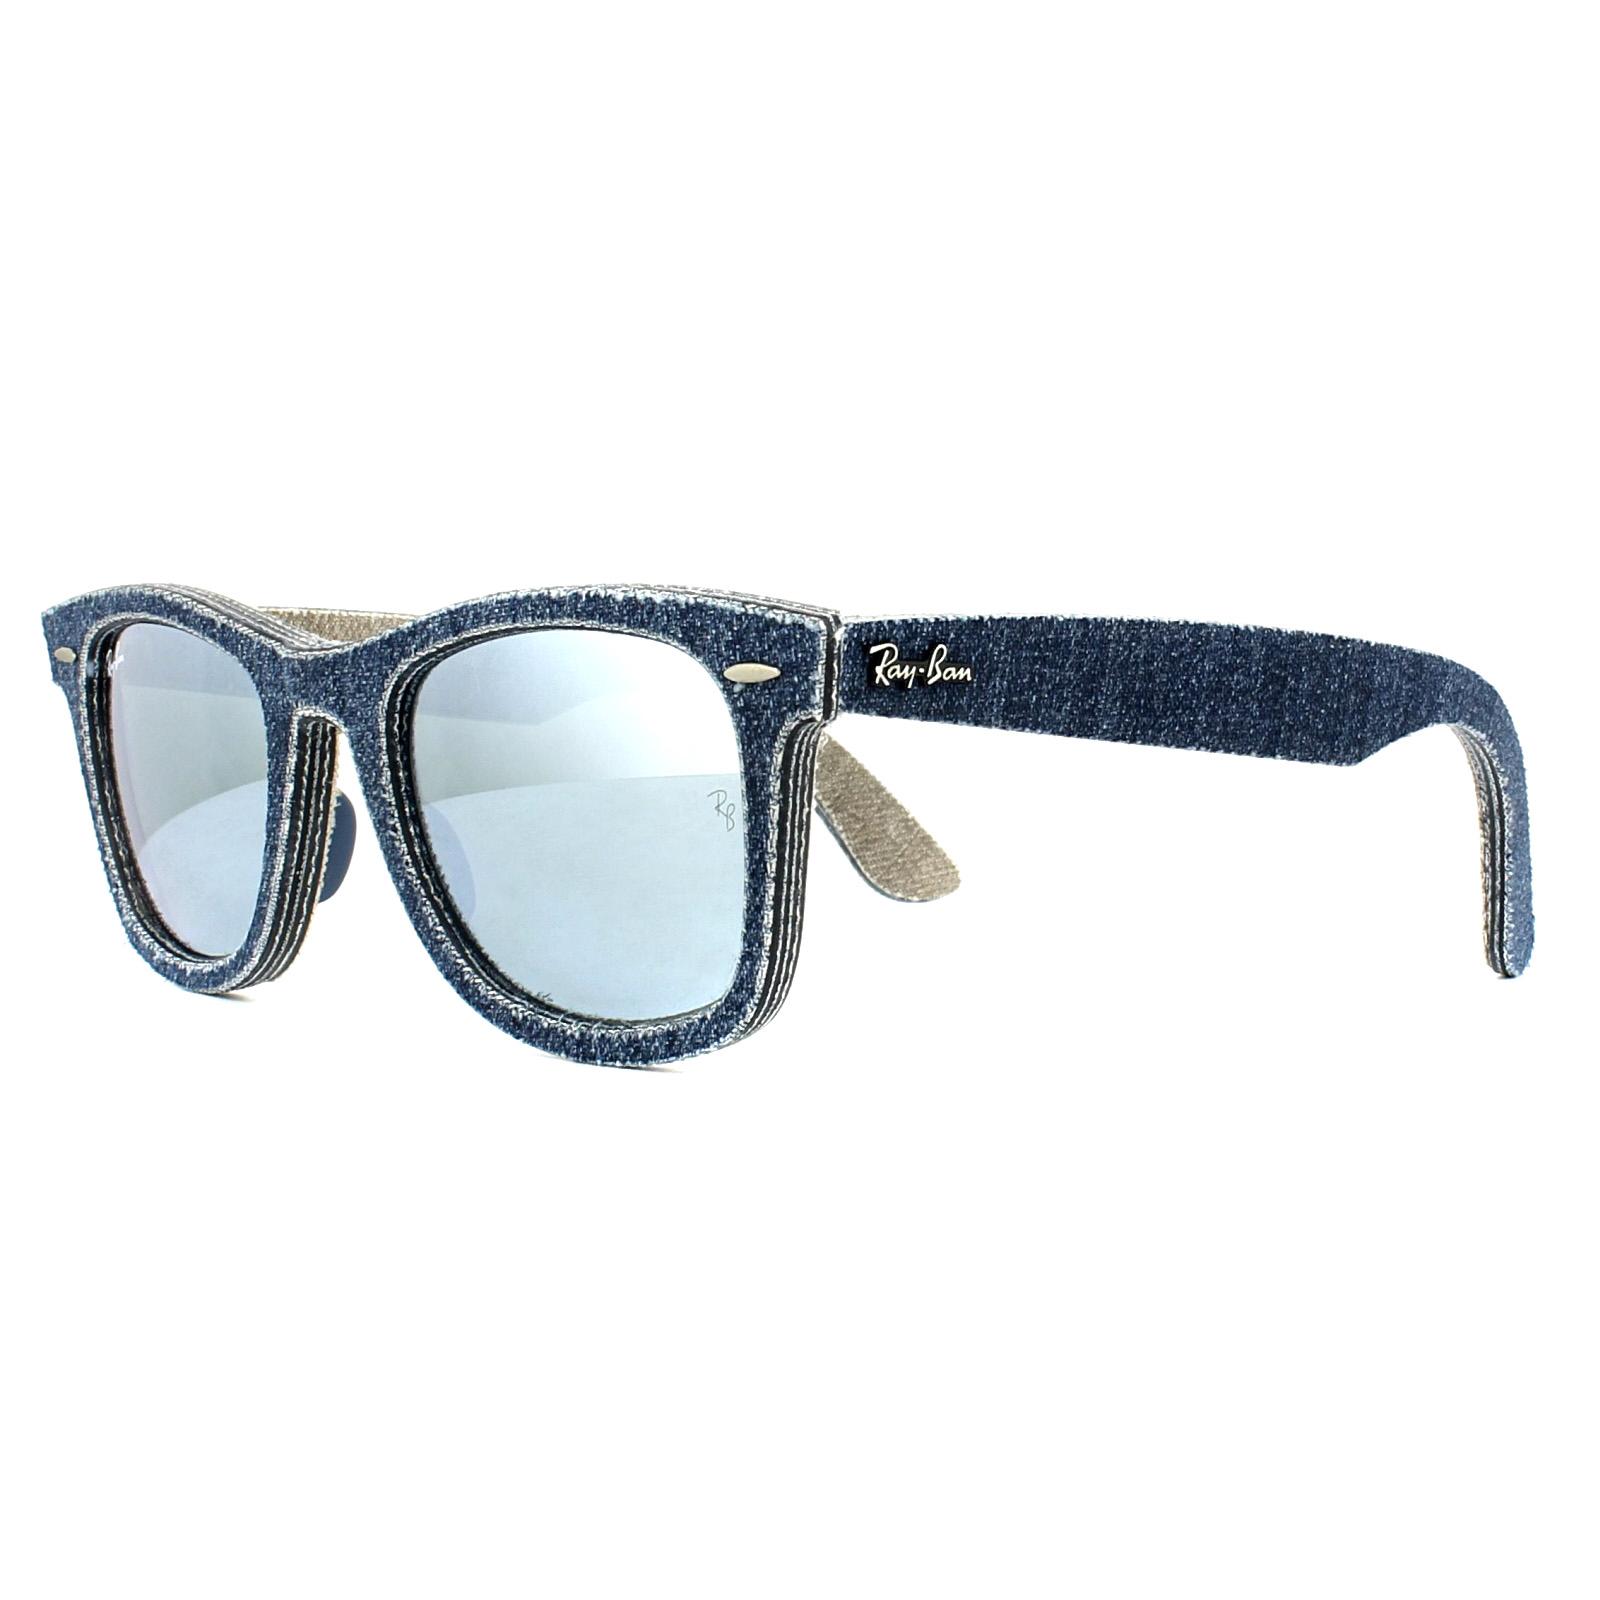 aeedf28f611f80 Sentinel Ray-Ban Sunglasses Wayfarer 2140 119430 Denim Dark Blue Silver  Mirror 50mm M